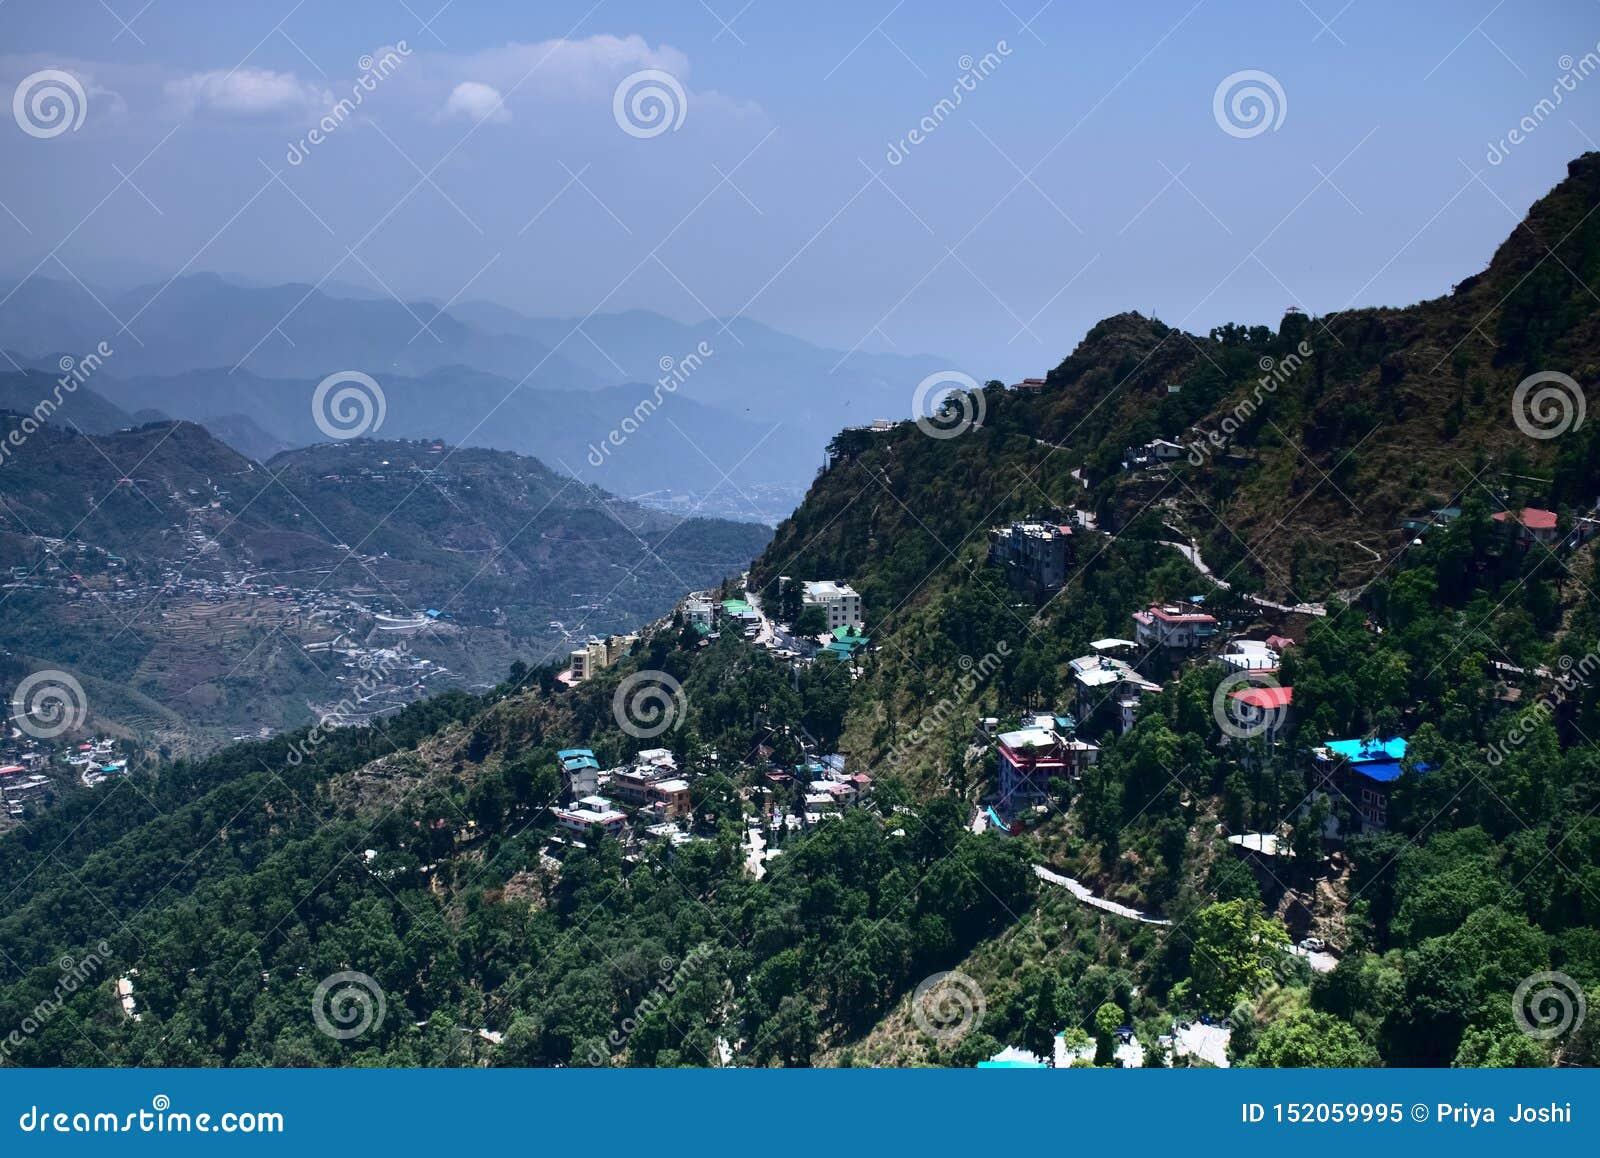 Взгляд красивого городка холма город в горах полных красочных домов и очень живого пейзажа домов в горах внутри внутри